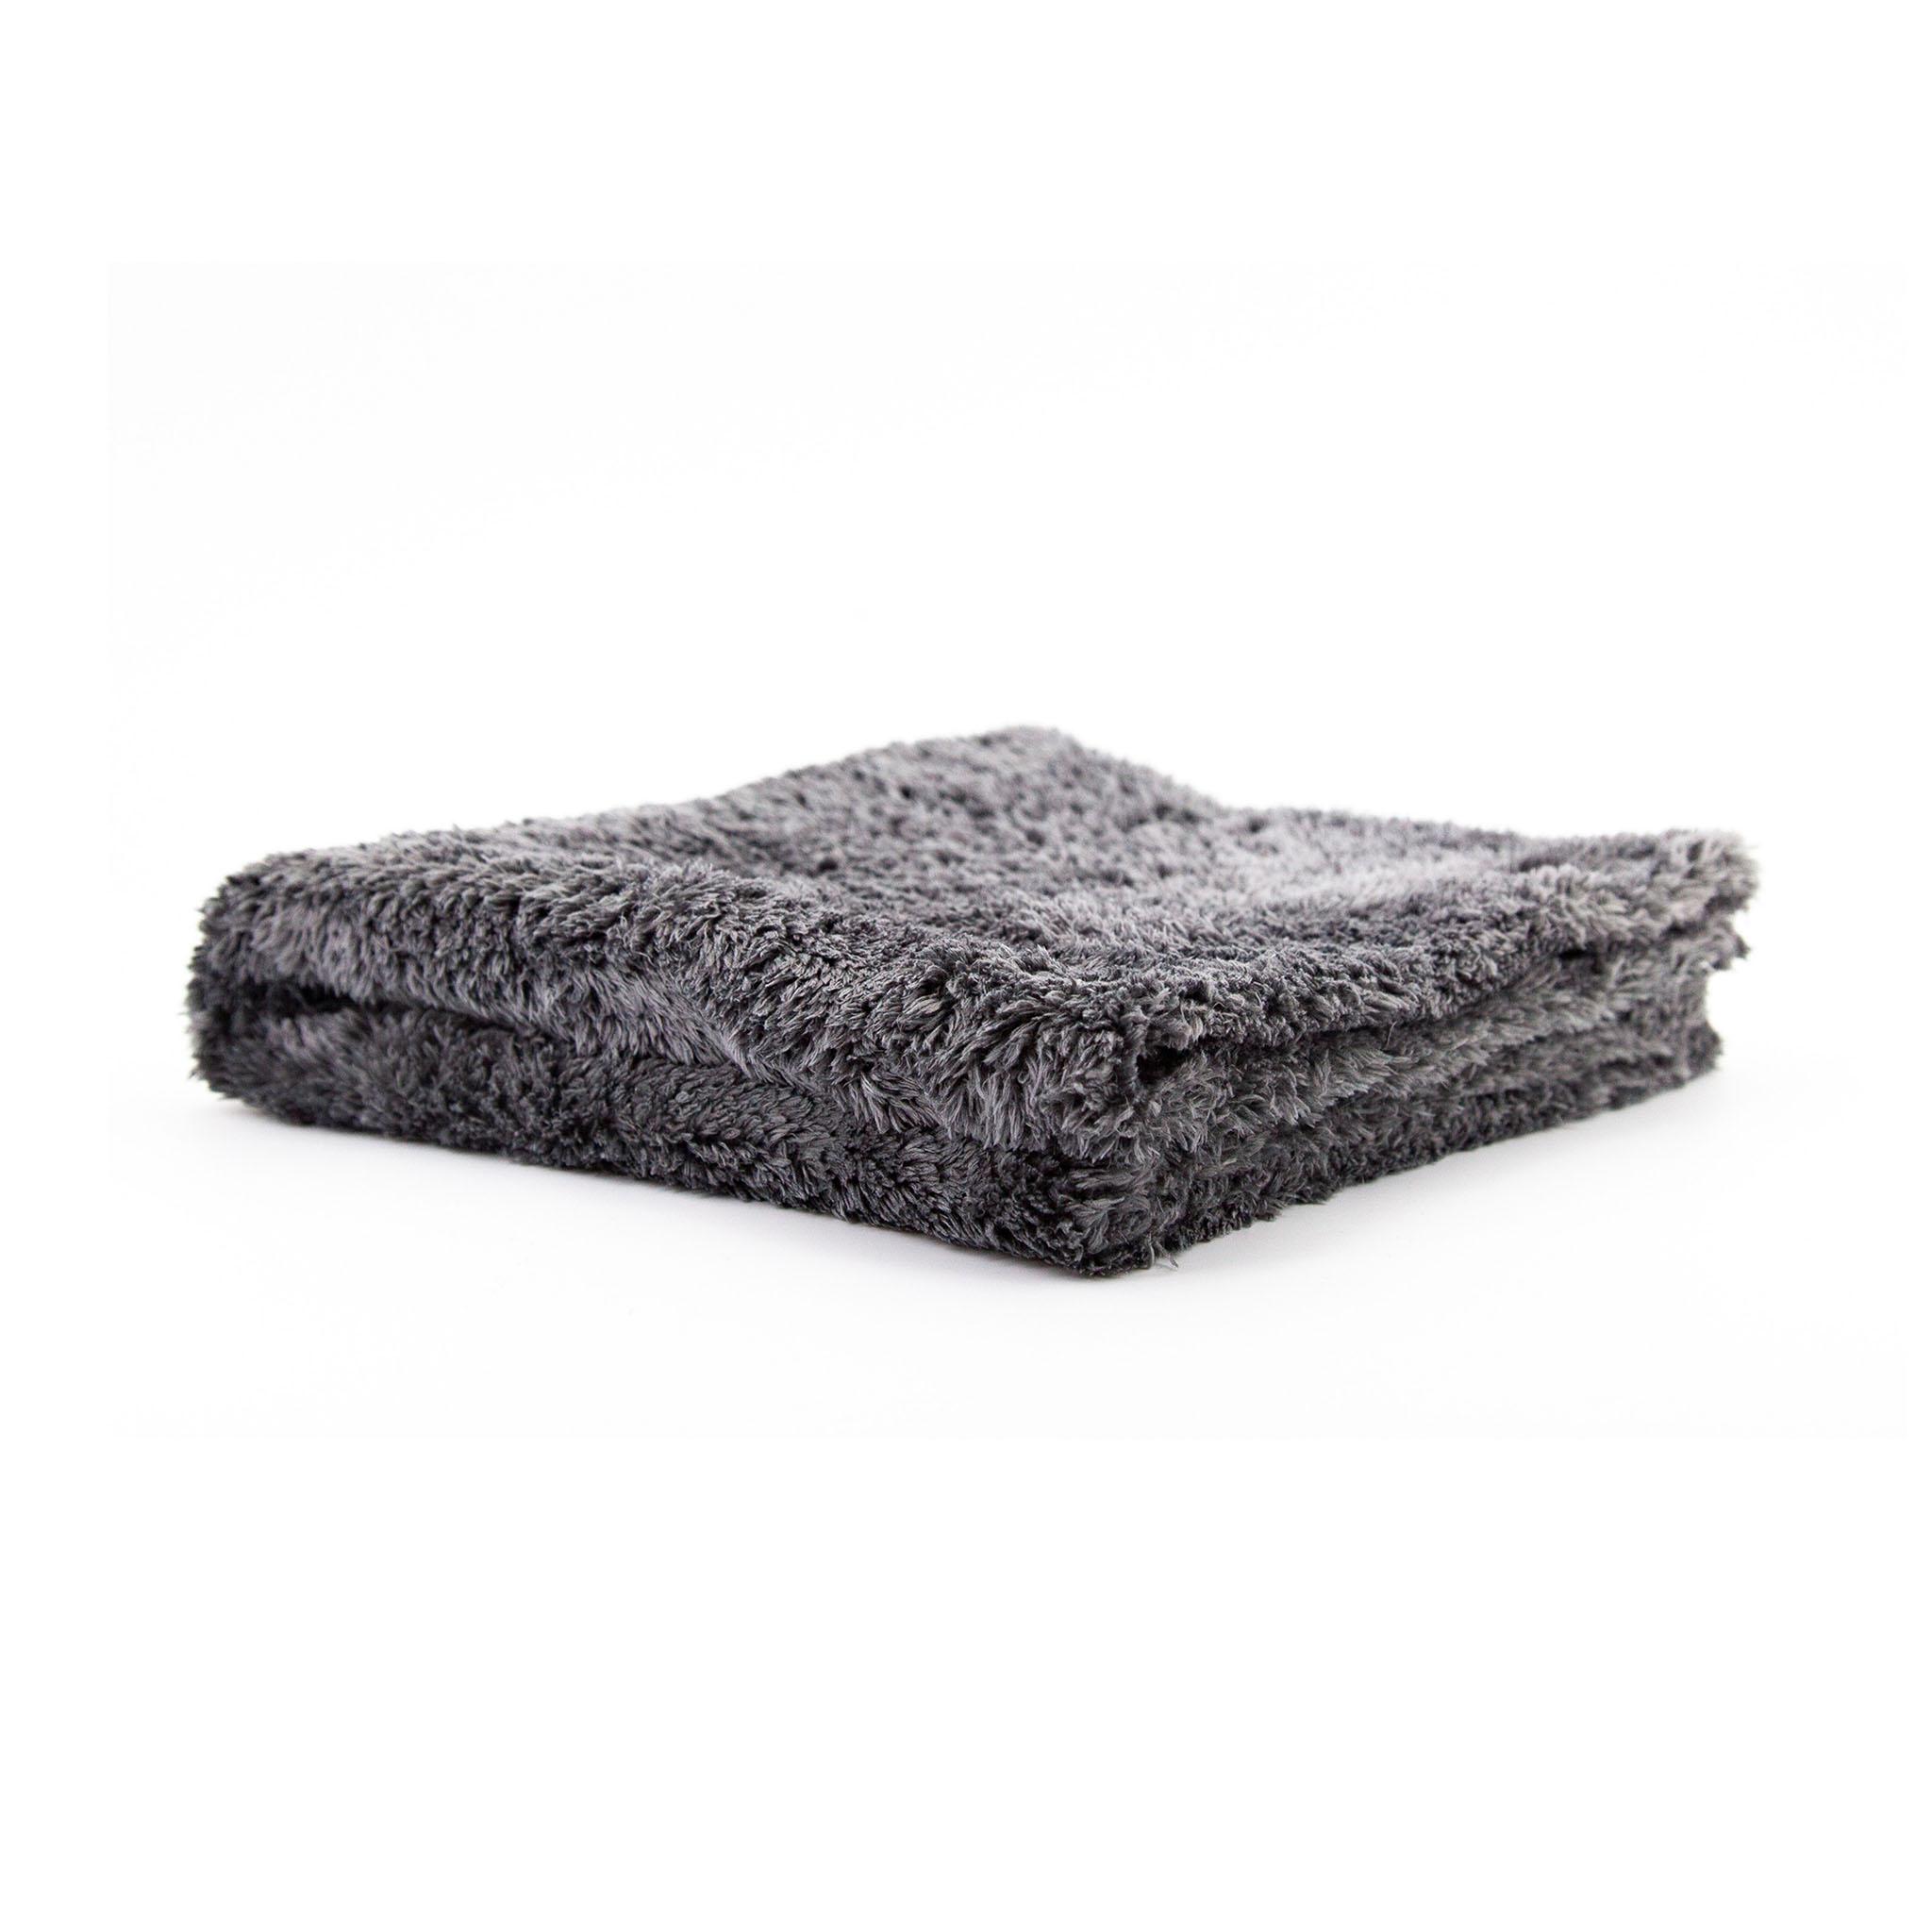 Poleringsduk Nanolex Ultra Plush Towel, 1 st